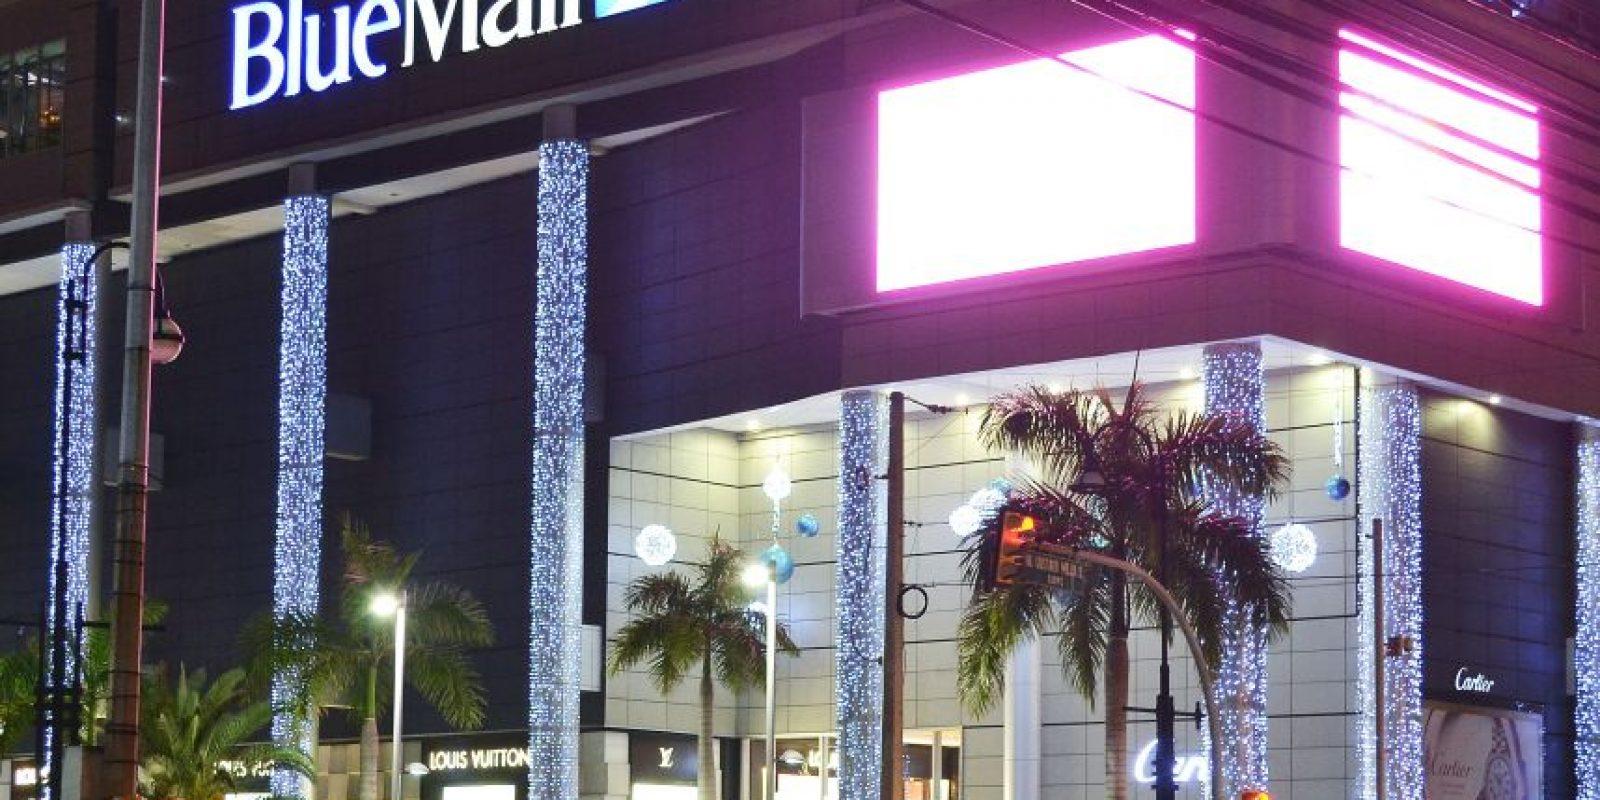 De azul radiante se ven las noches en elcentro comercial Blue Mall. Foto:Mario De Peña